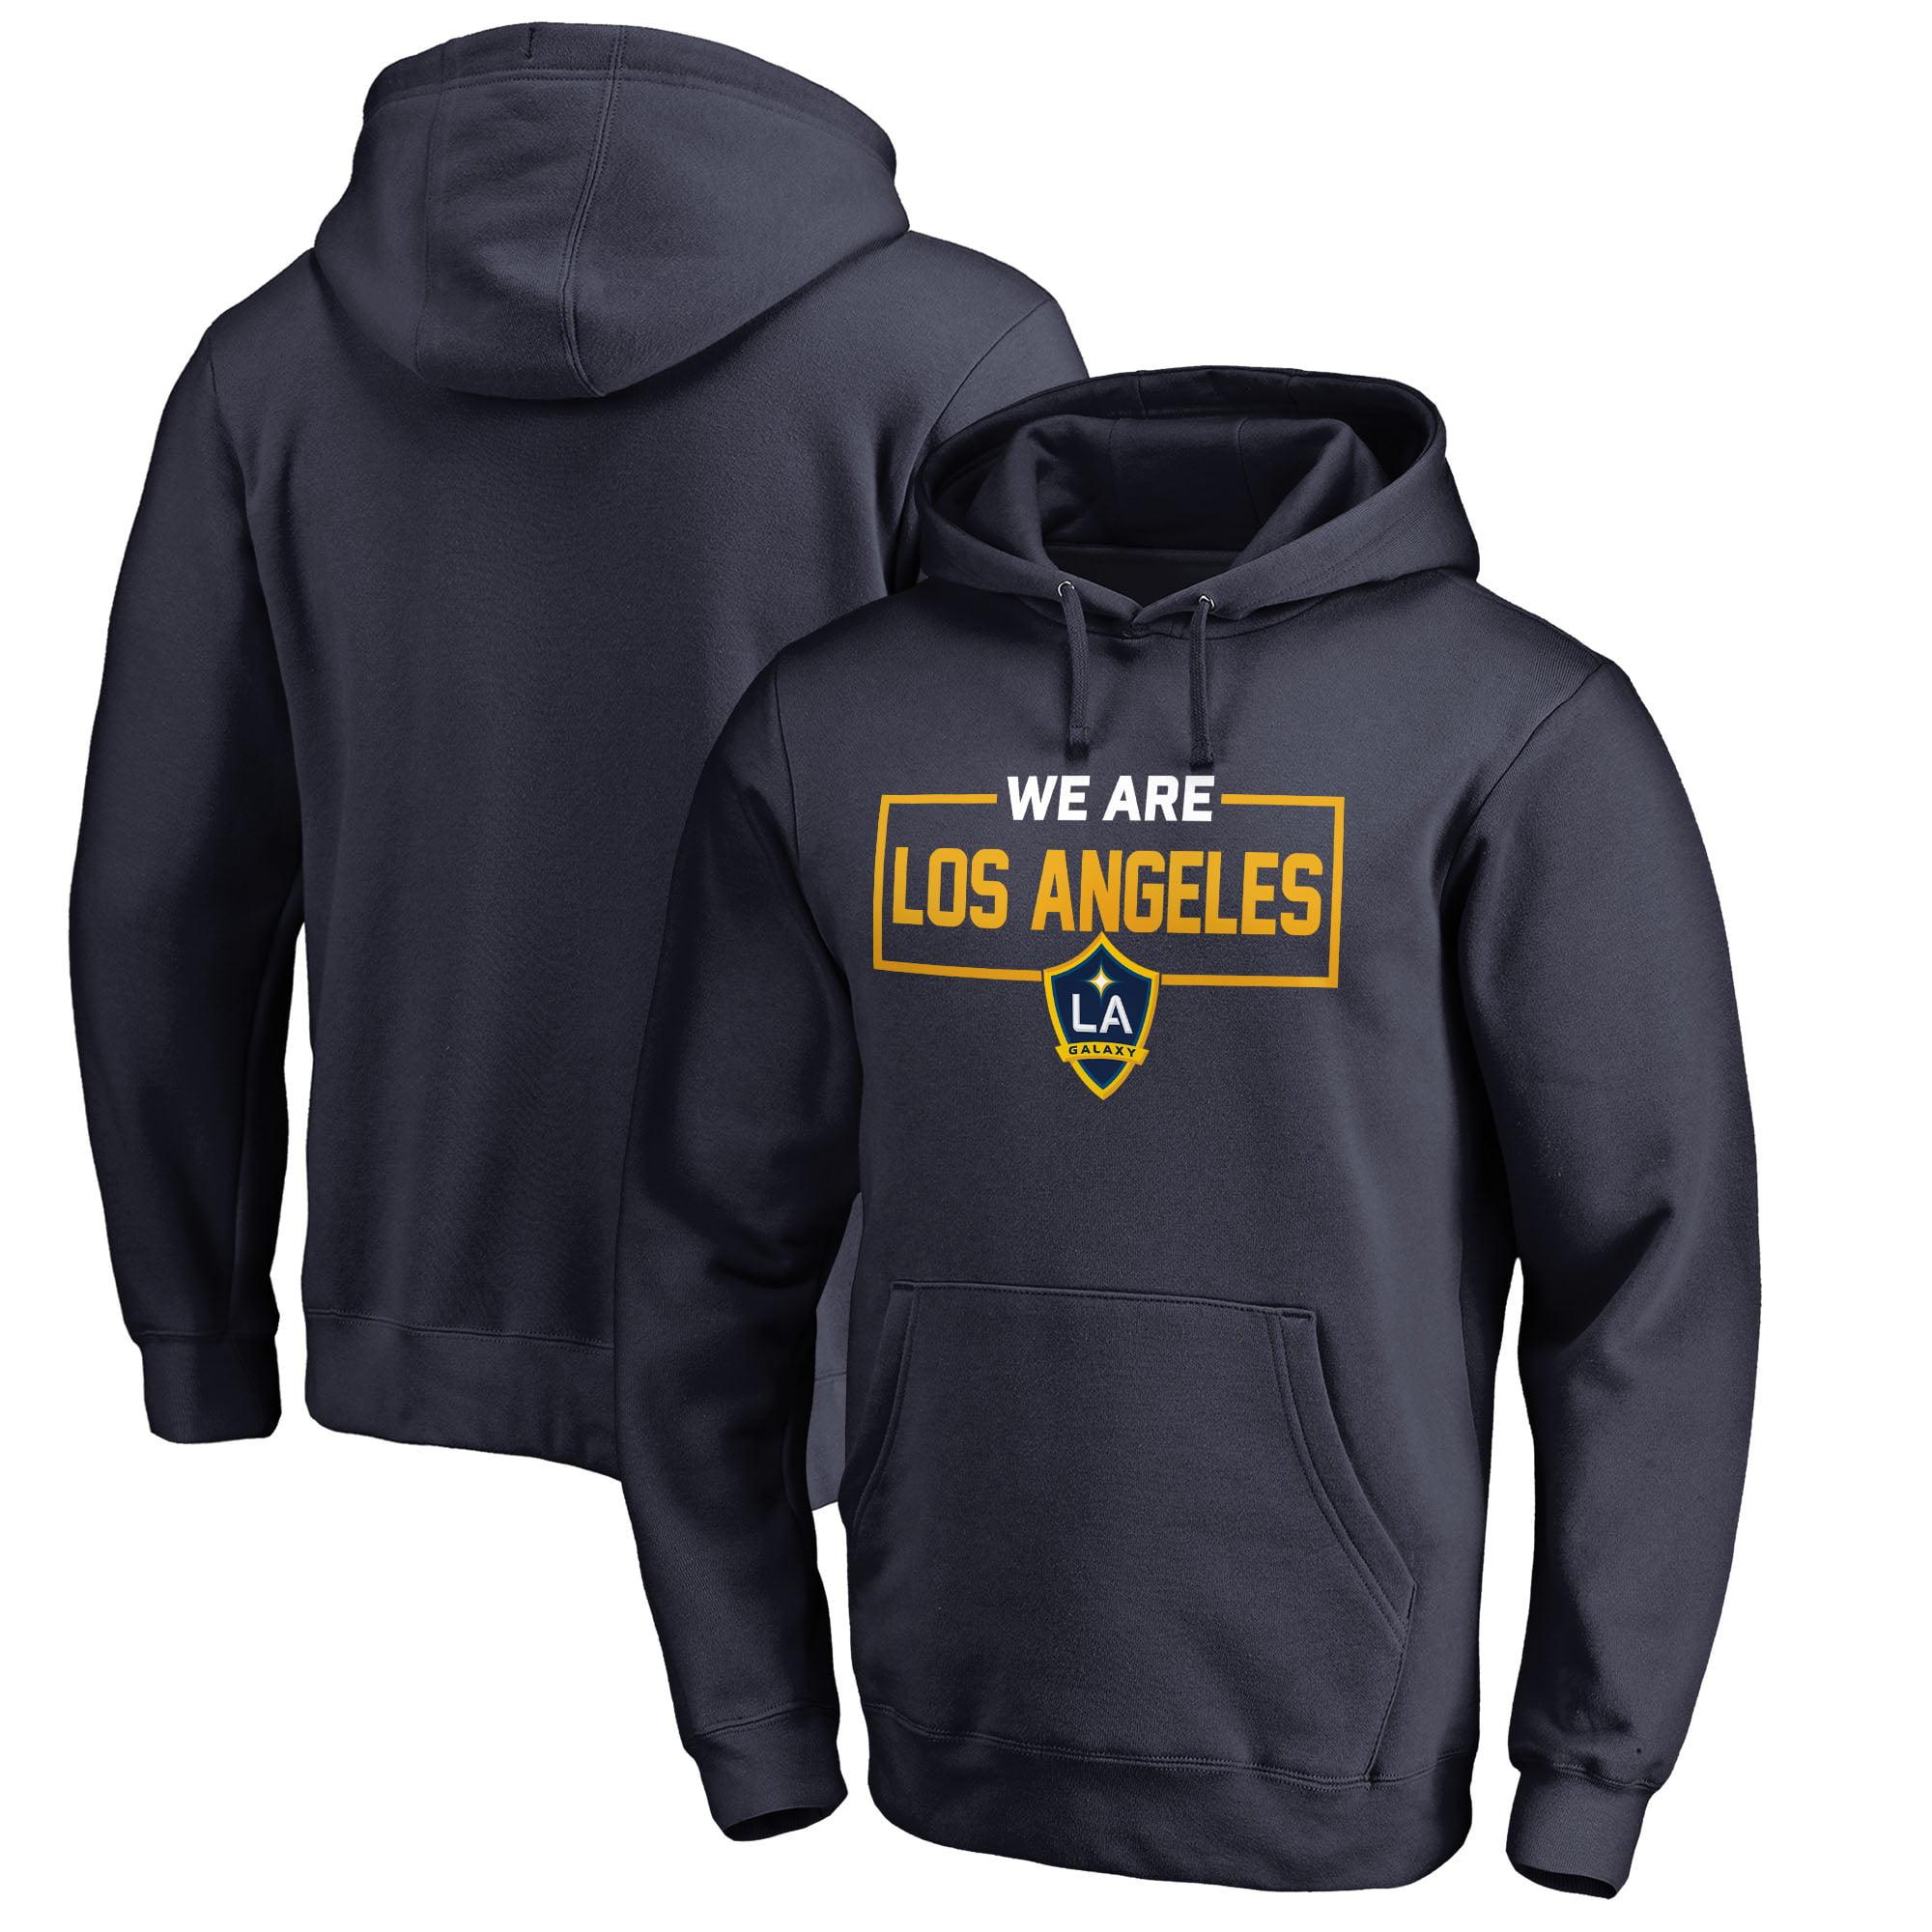 LA Galaxy Fanatics Branded We Are Pullover Hoodie - Navy